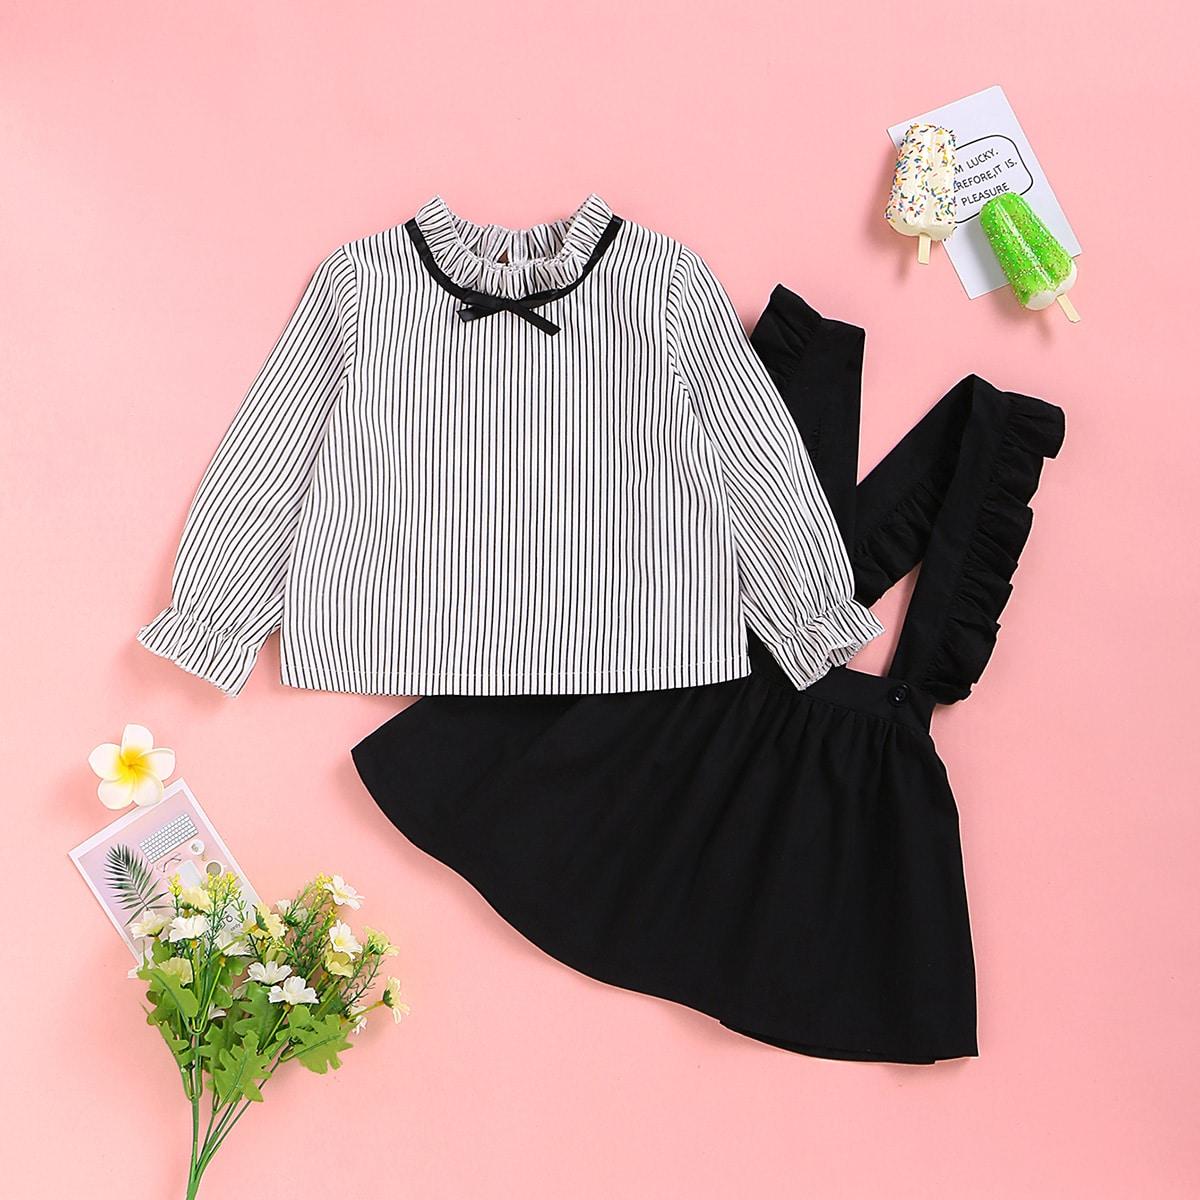 Сарафан-юбка и блуза в полоску для девочек от SHEIN